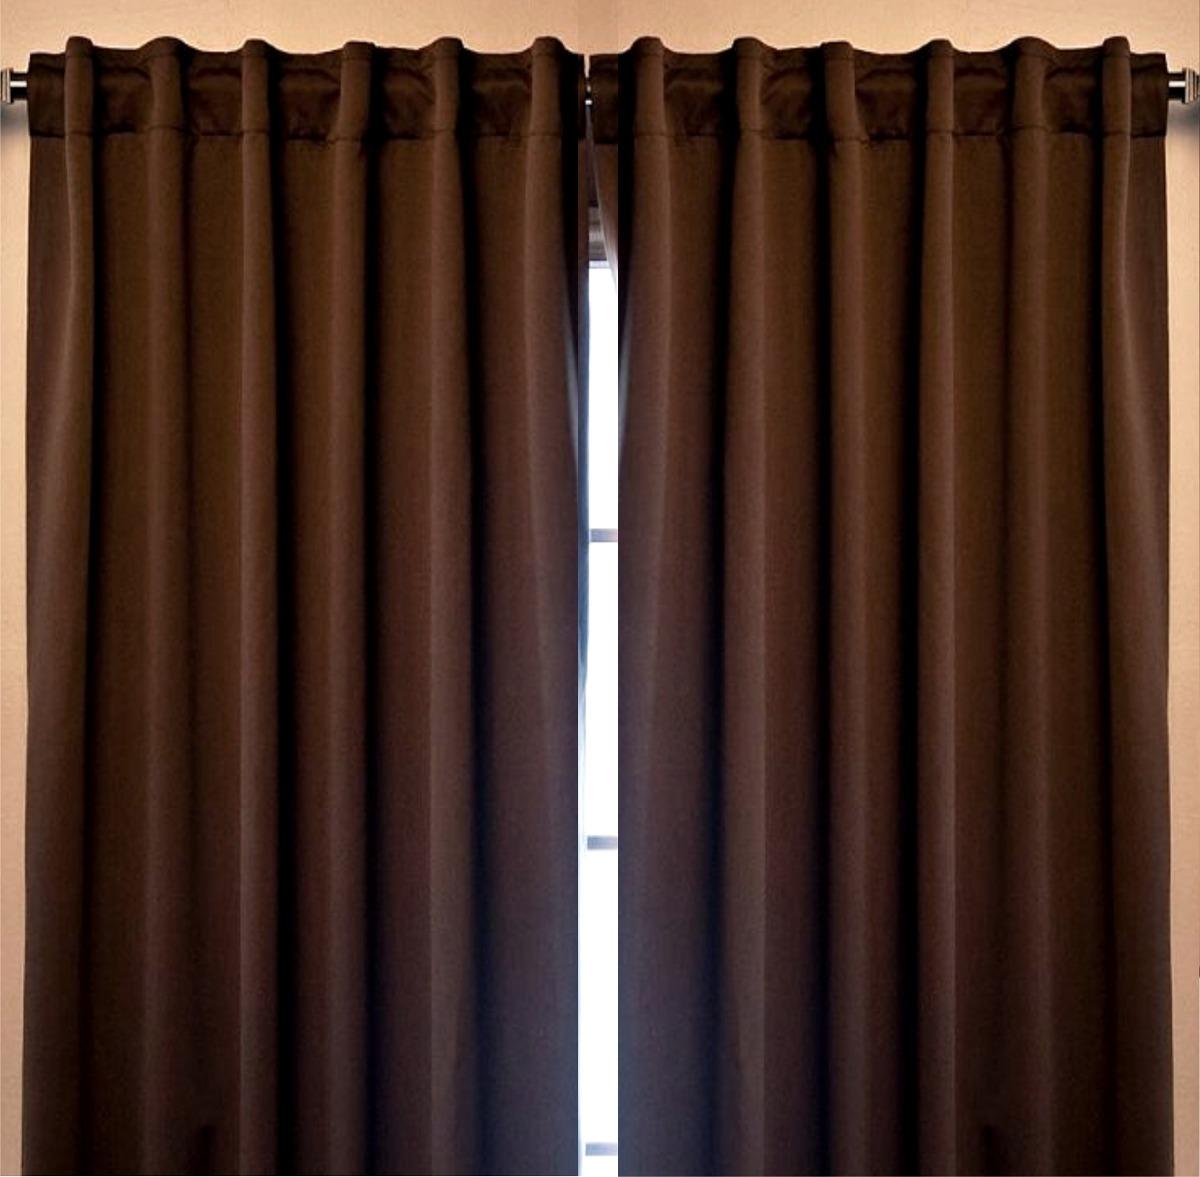 Juego de 2 cortinas blackout cocoa vianney envio gratis en mercado libre for Donde venden cortinas